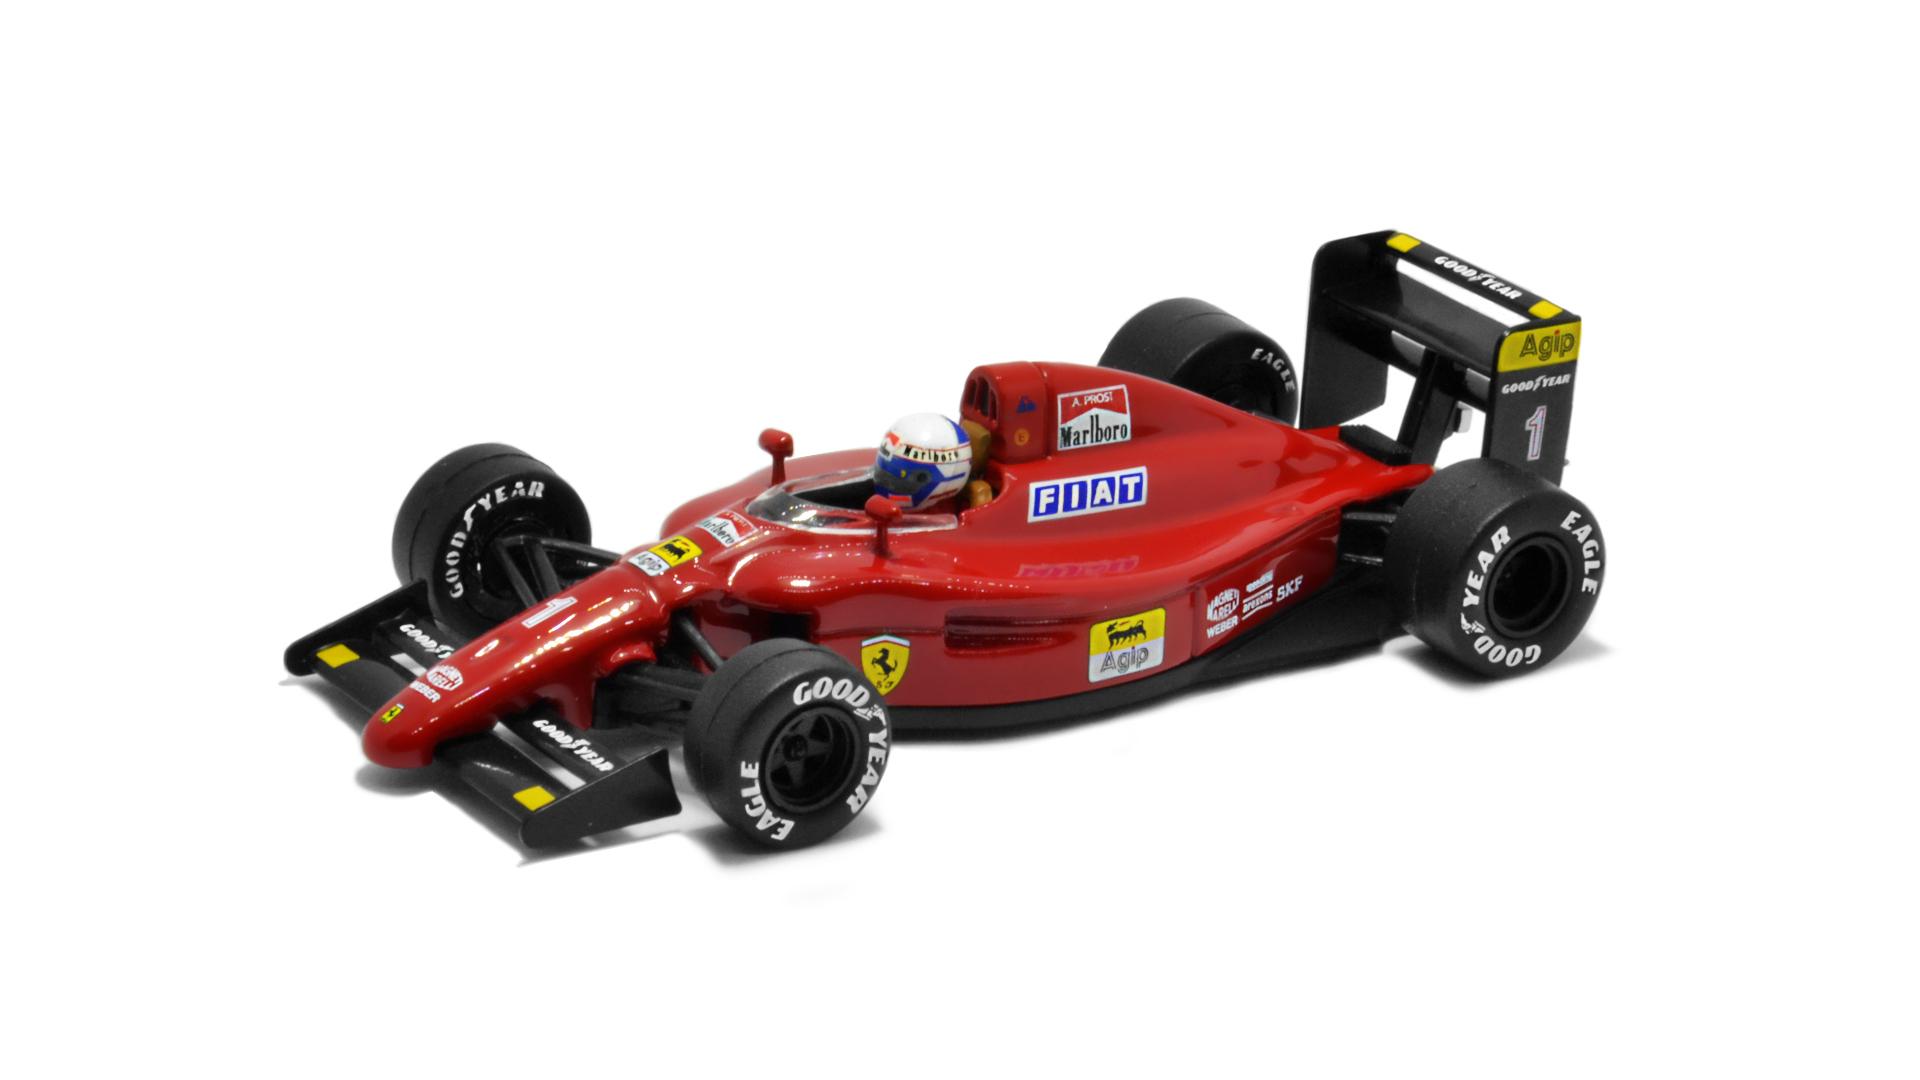 Év: 1990<br />Modell: 641<br />Gyártó: Altaya (átalakított)<br />Pilóta: Alain Prost